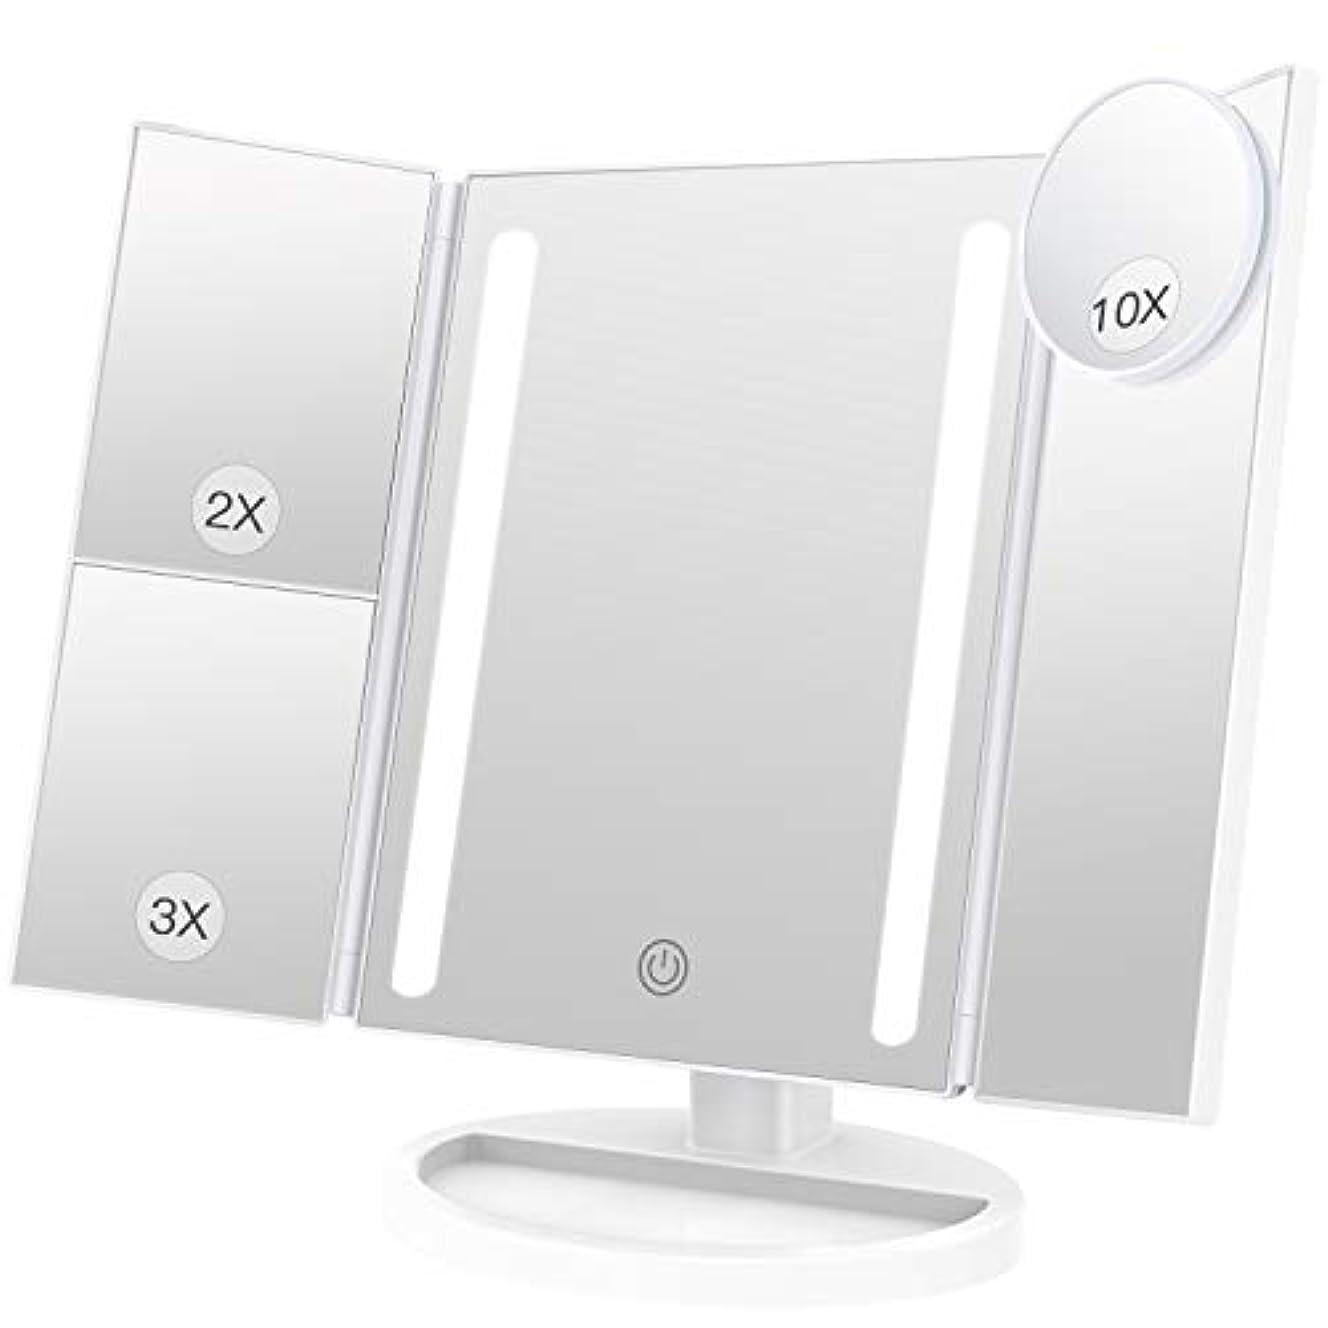 キノコ王位補うBESTOPE 化粧鏡 卓上鏡 鏡 三面鏡 拡大鏡 卓上 led付き 折りたたみ 2倍&3倍 明るさ調節可能 180°回転 電池&USB 2WAY給電